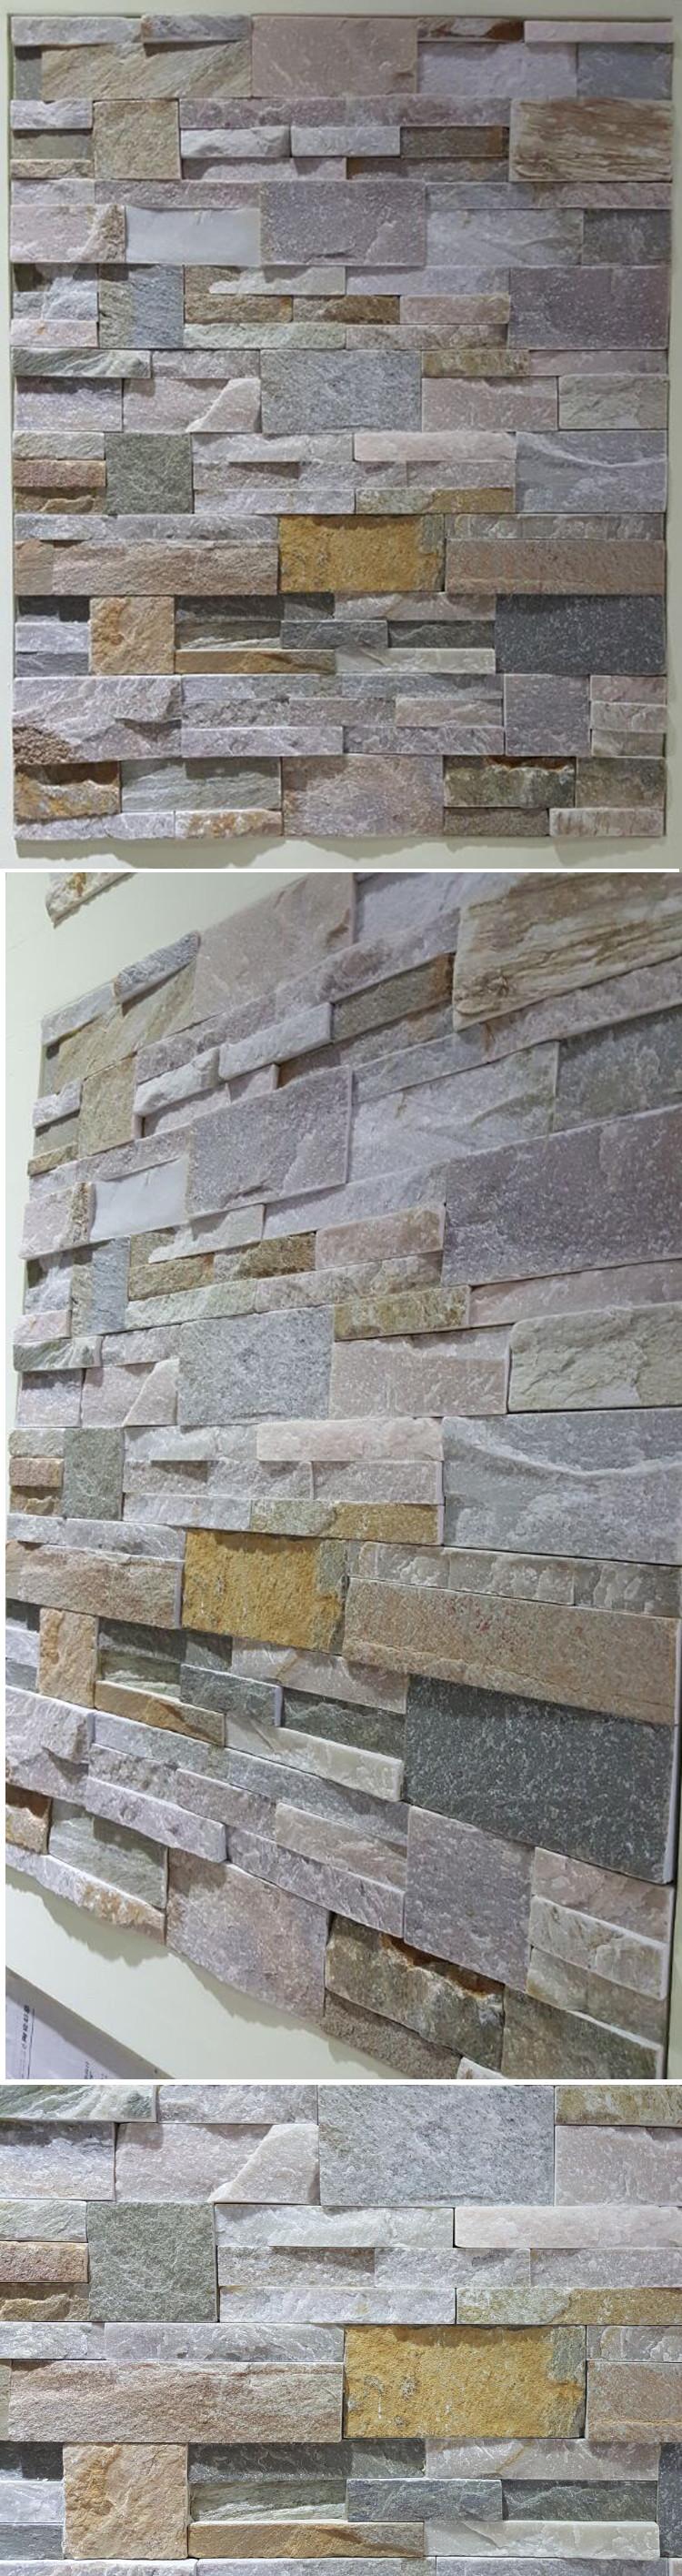 Fire Resistant Brick : Hs zt fire resistant brick wall panel faux